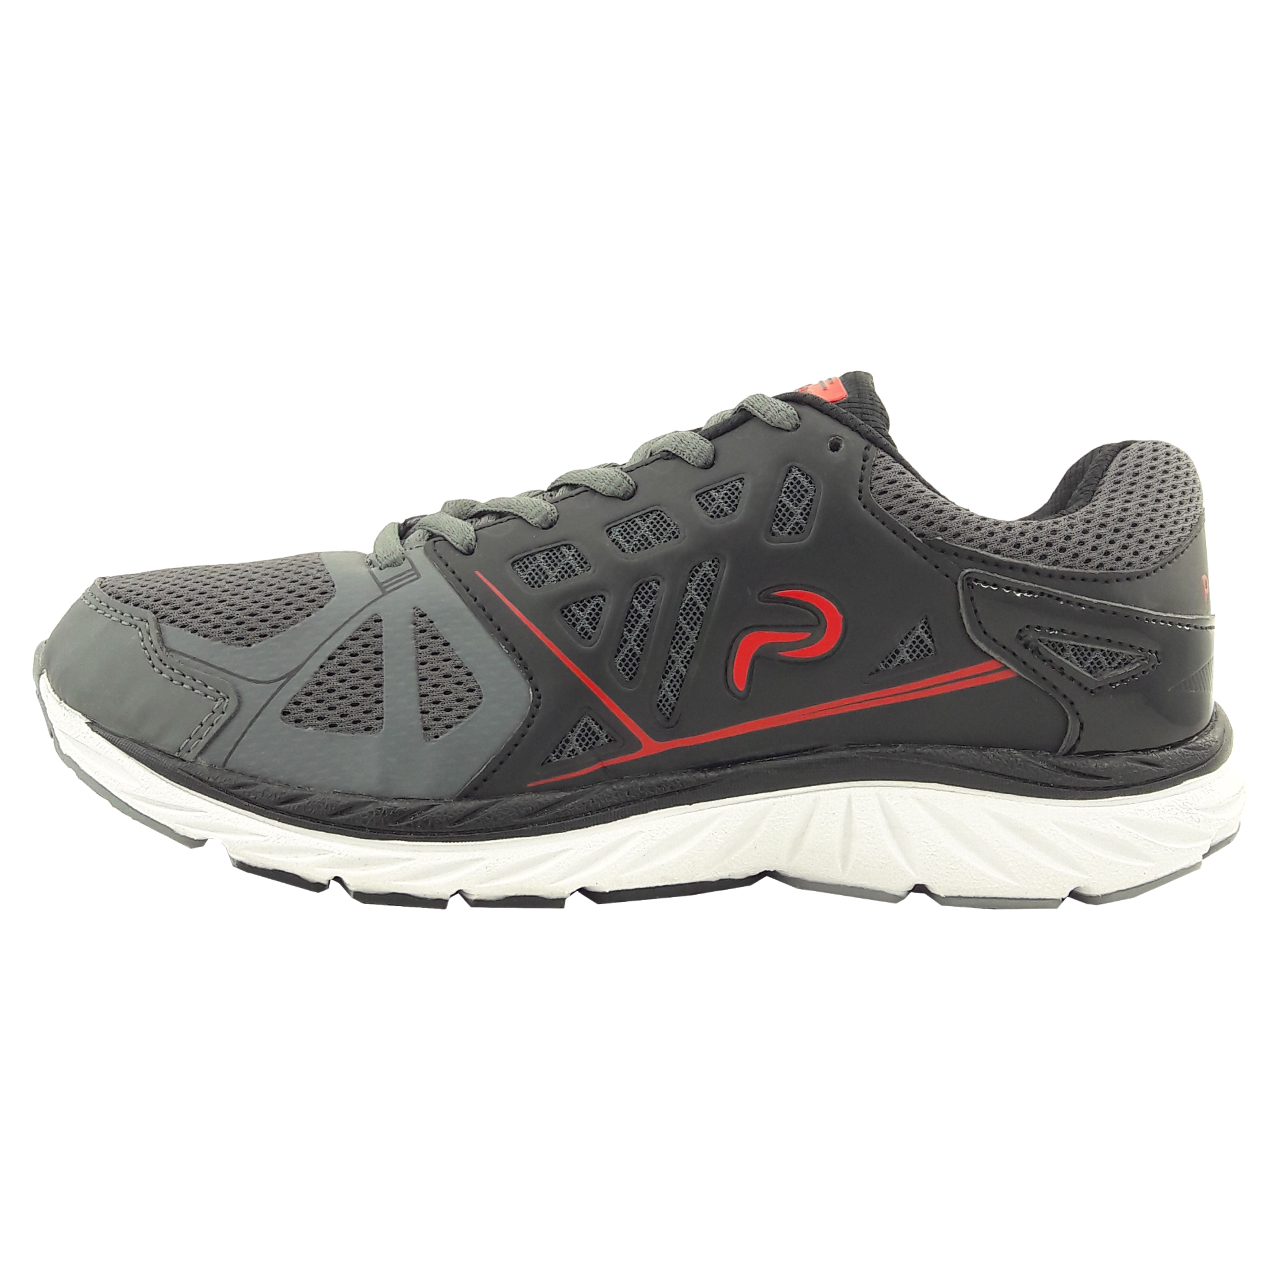 عکس کفش مخصوص دویدن مردانه پادوز مدل Victoria gry.rd01